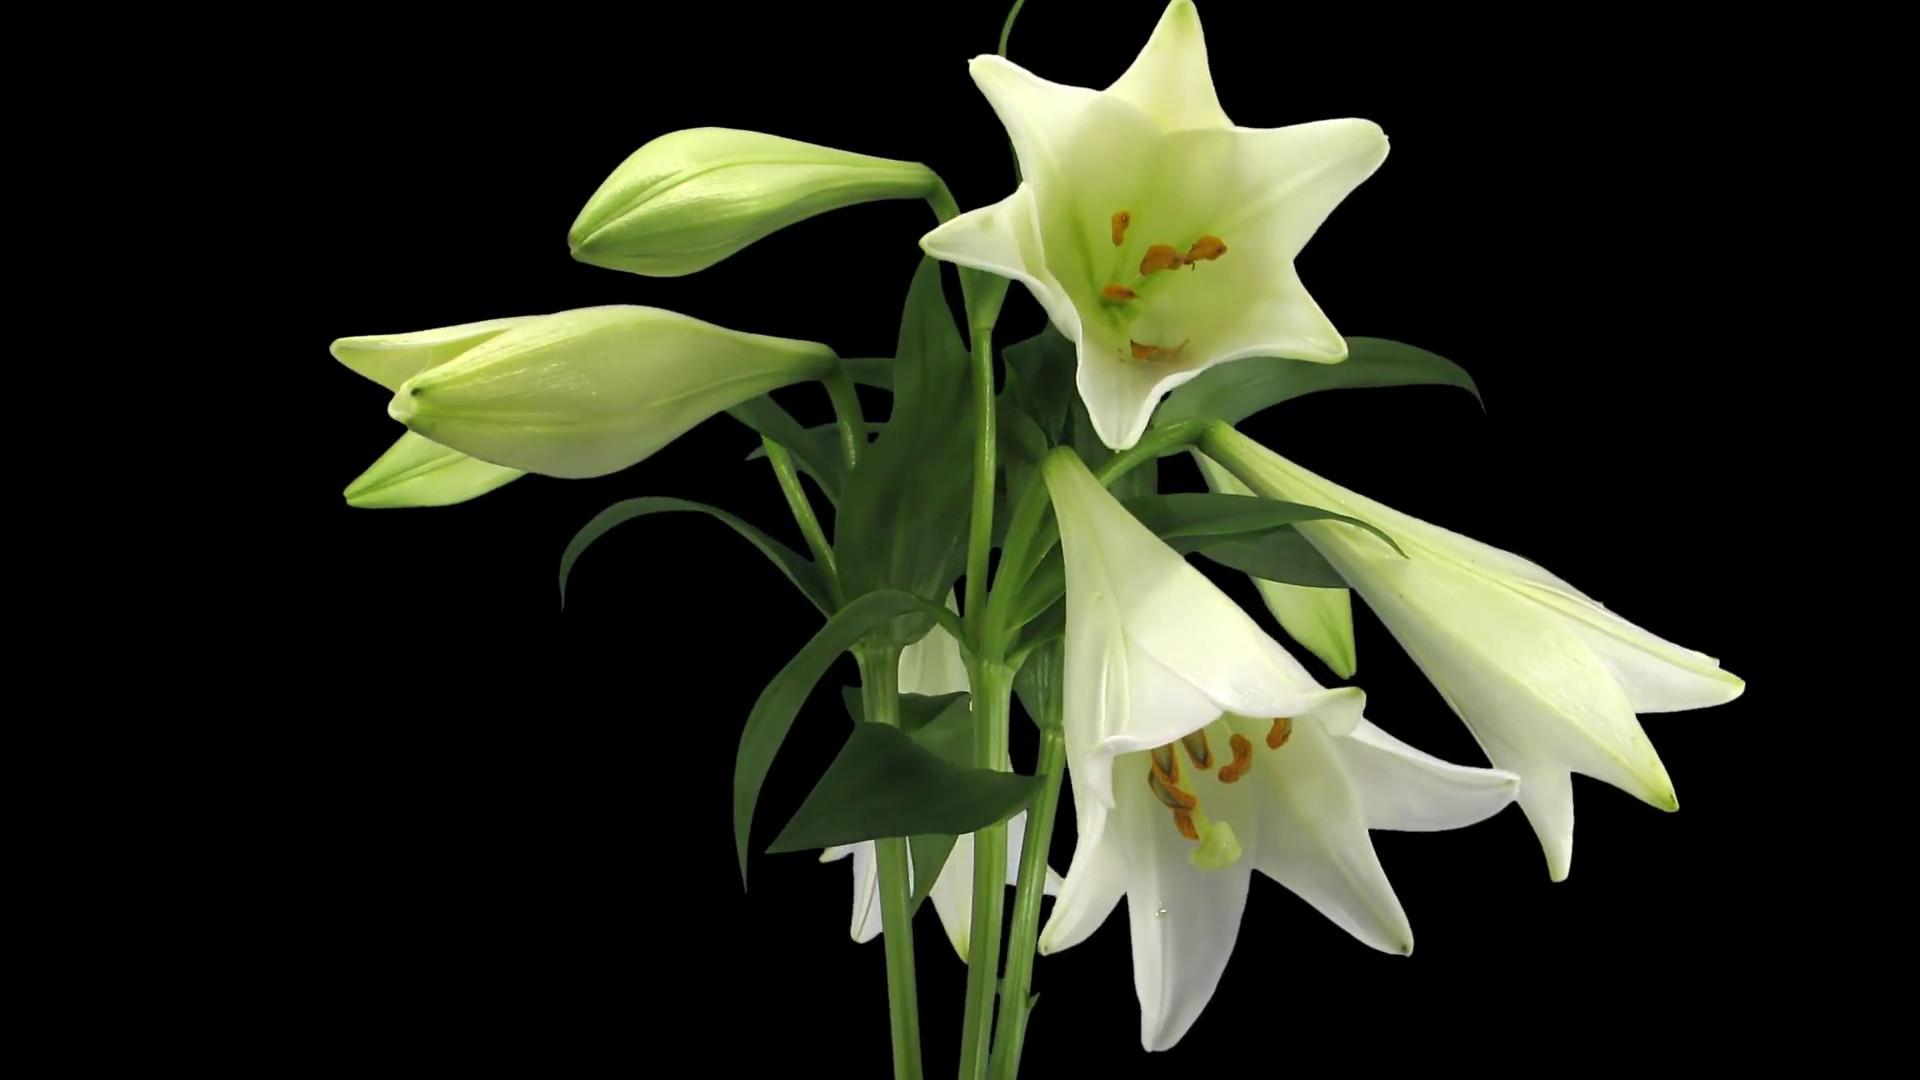 ảnh hoa lily đẹp